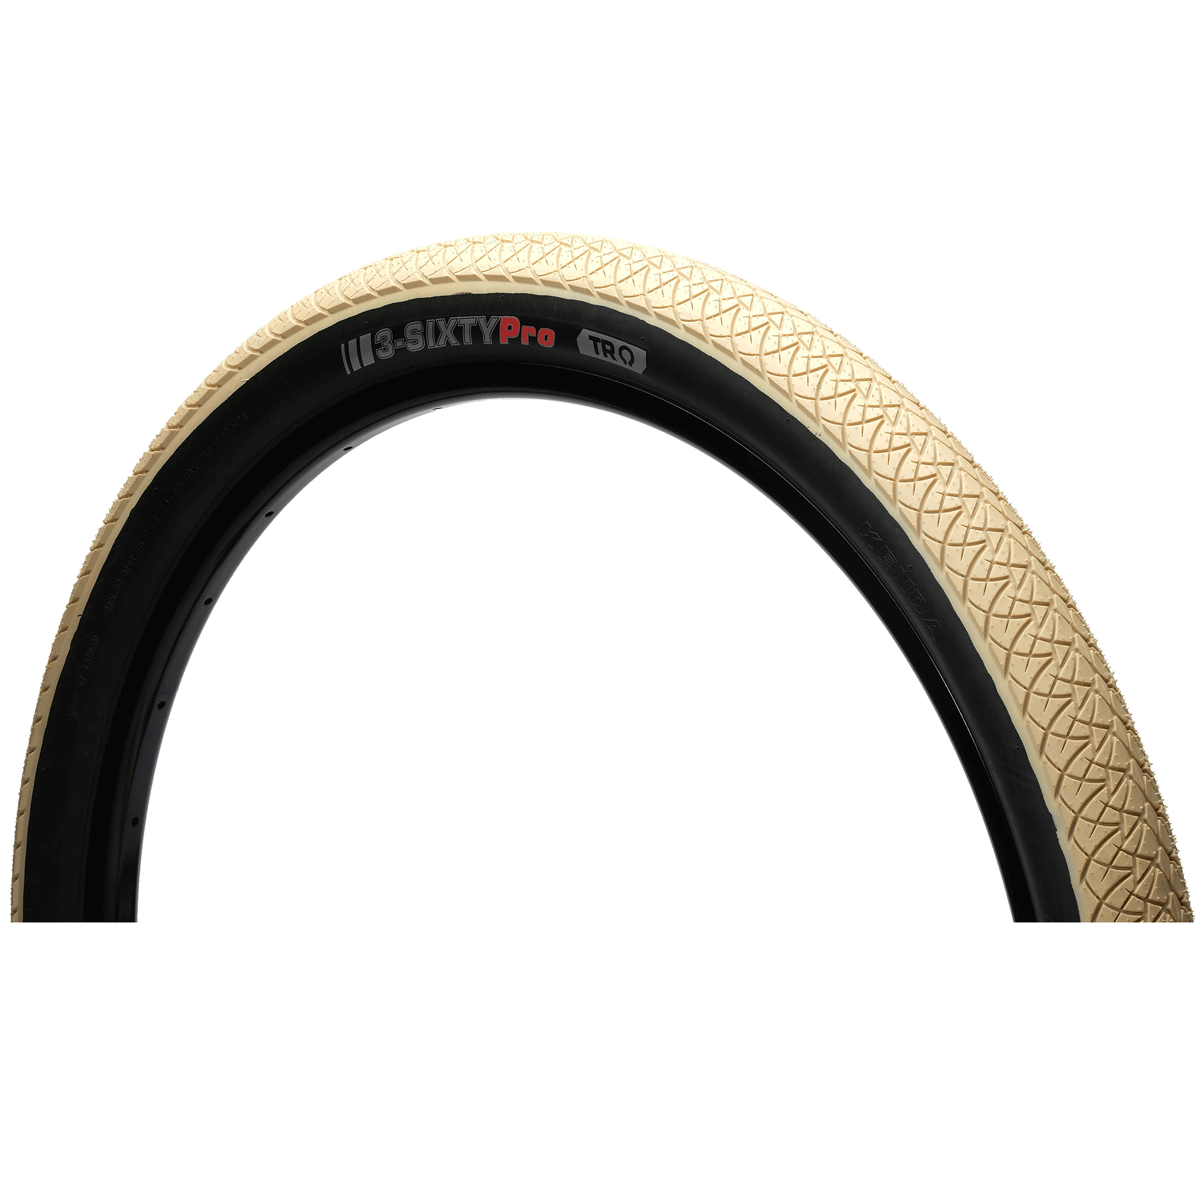 """Kenda 3-Sixty Pro TR MTB Folding Tire - 26x2.25"""" - tan"""